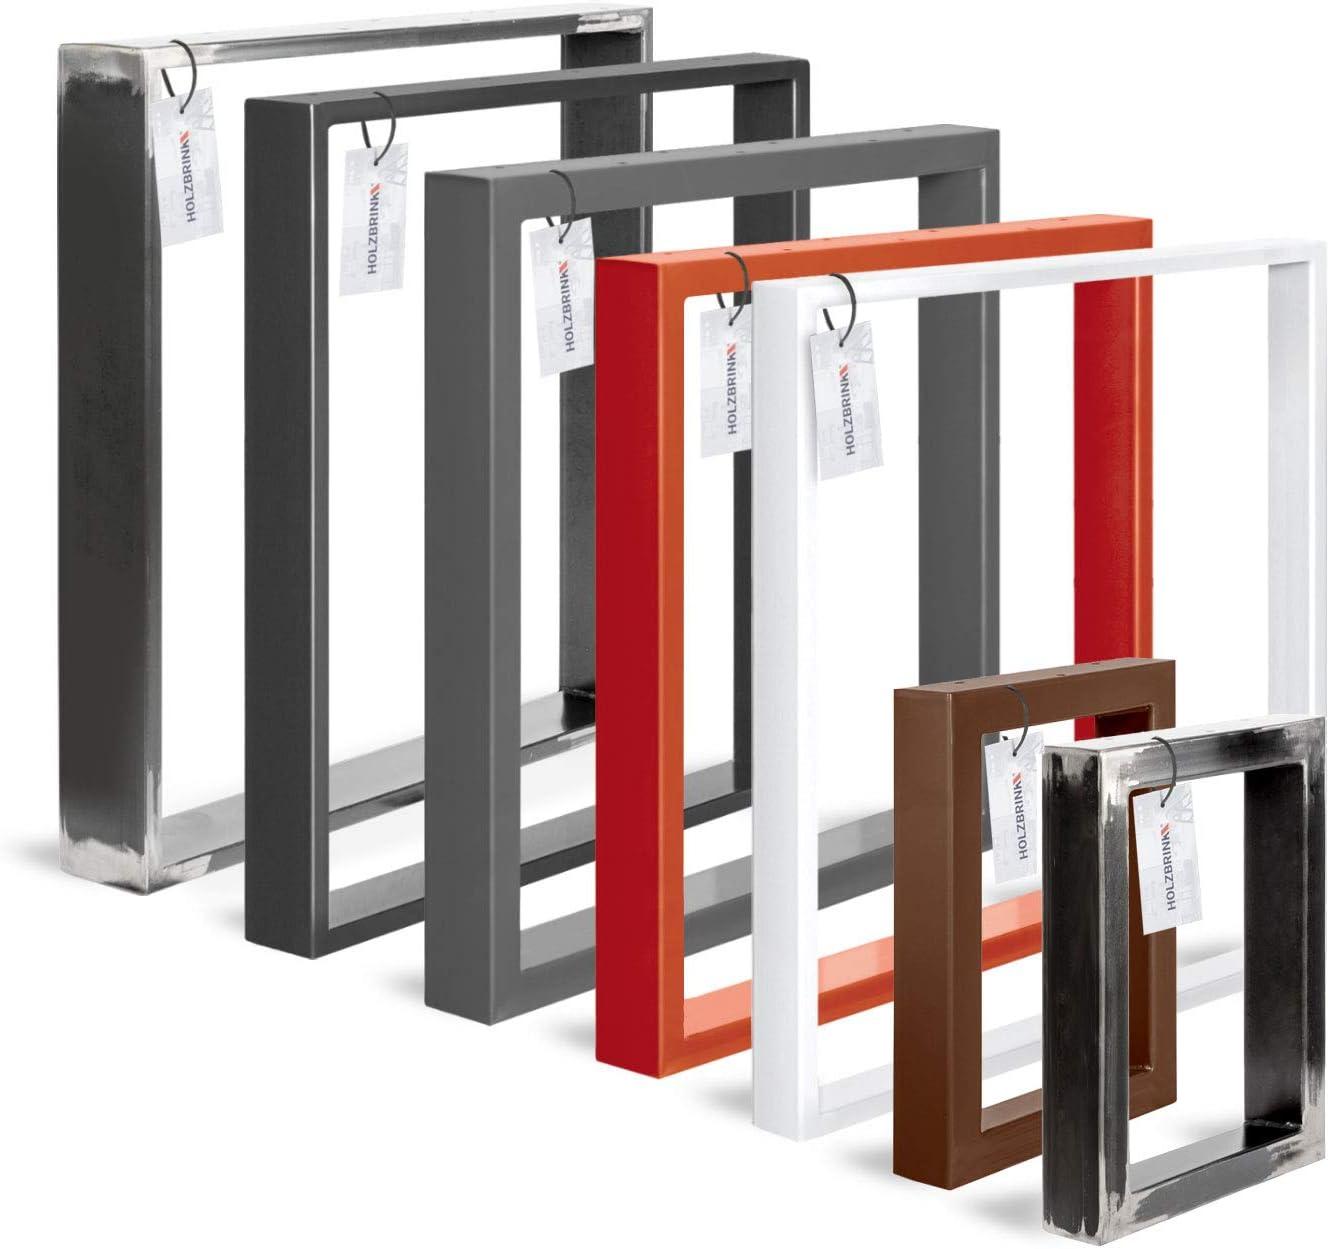 HOLZBRINK Patas de Mesa perfiles de acero 80x20 mm, forma de marco 60x72 cm, Negro Intenso, 1 Pieza, HLT-01-C-CC-9005